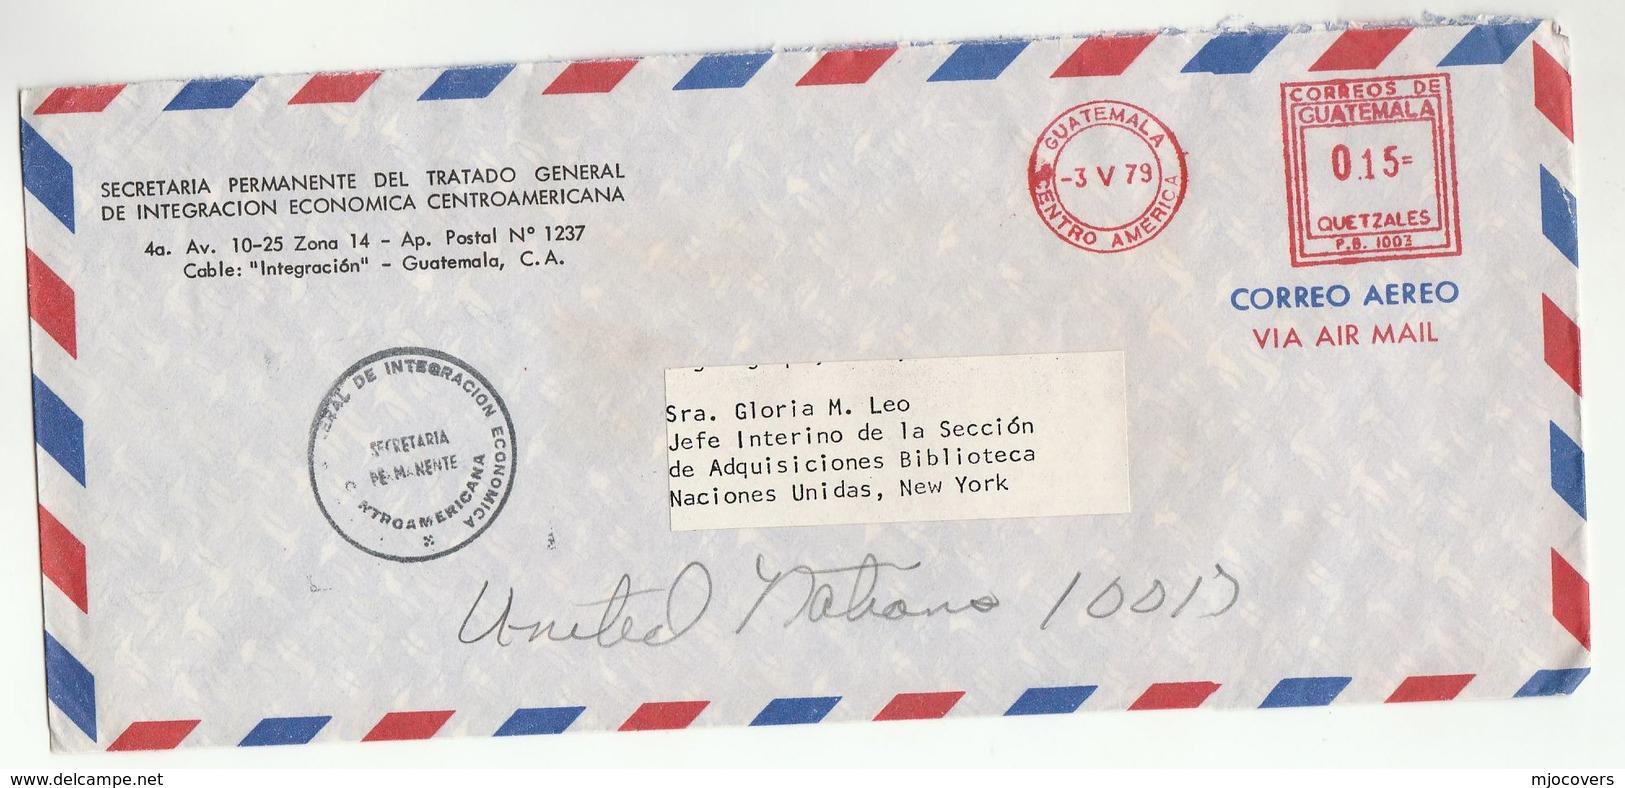 1979 GUATEMALA Permanent Sec. Gen. Treaty Central American Economic Integration COVER Meter To UN USA United Nations - UNO